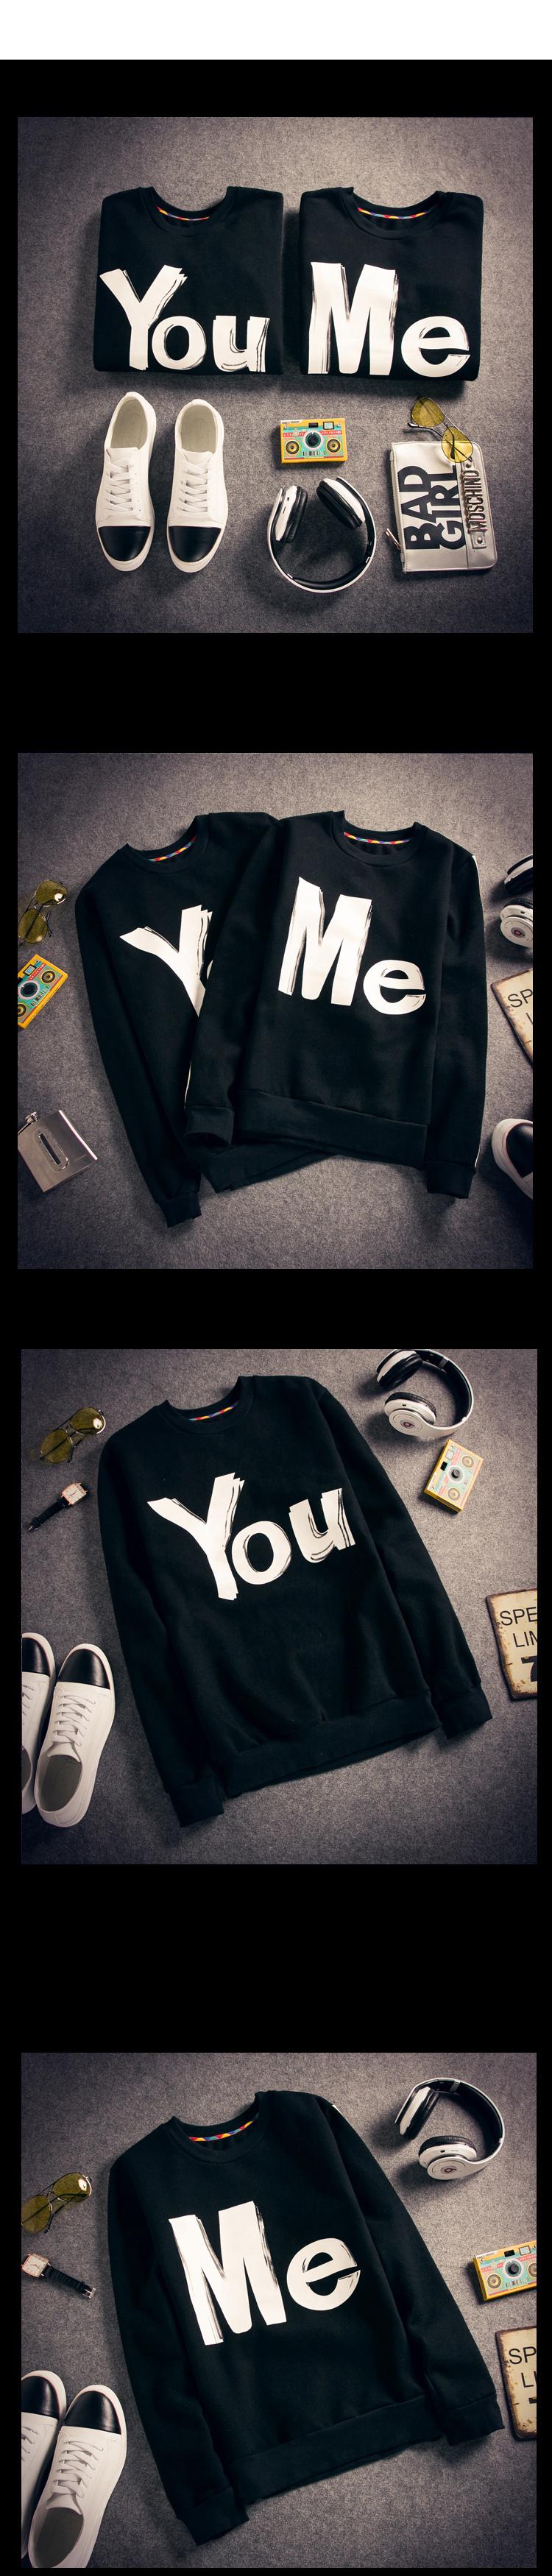 ◆快速出貨◆刷毛T恤 圓領刷毛 情侶T恤 暖暖刷毛 MIT台灣製.筆刷 YOU ME【YS0390】可單買.艾咪E舖